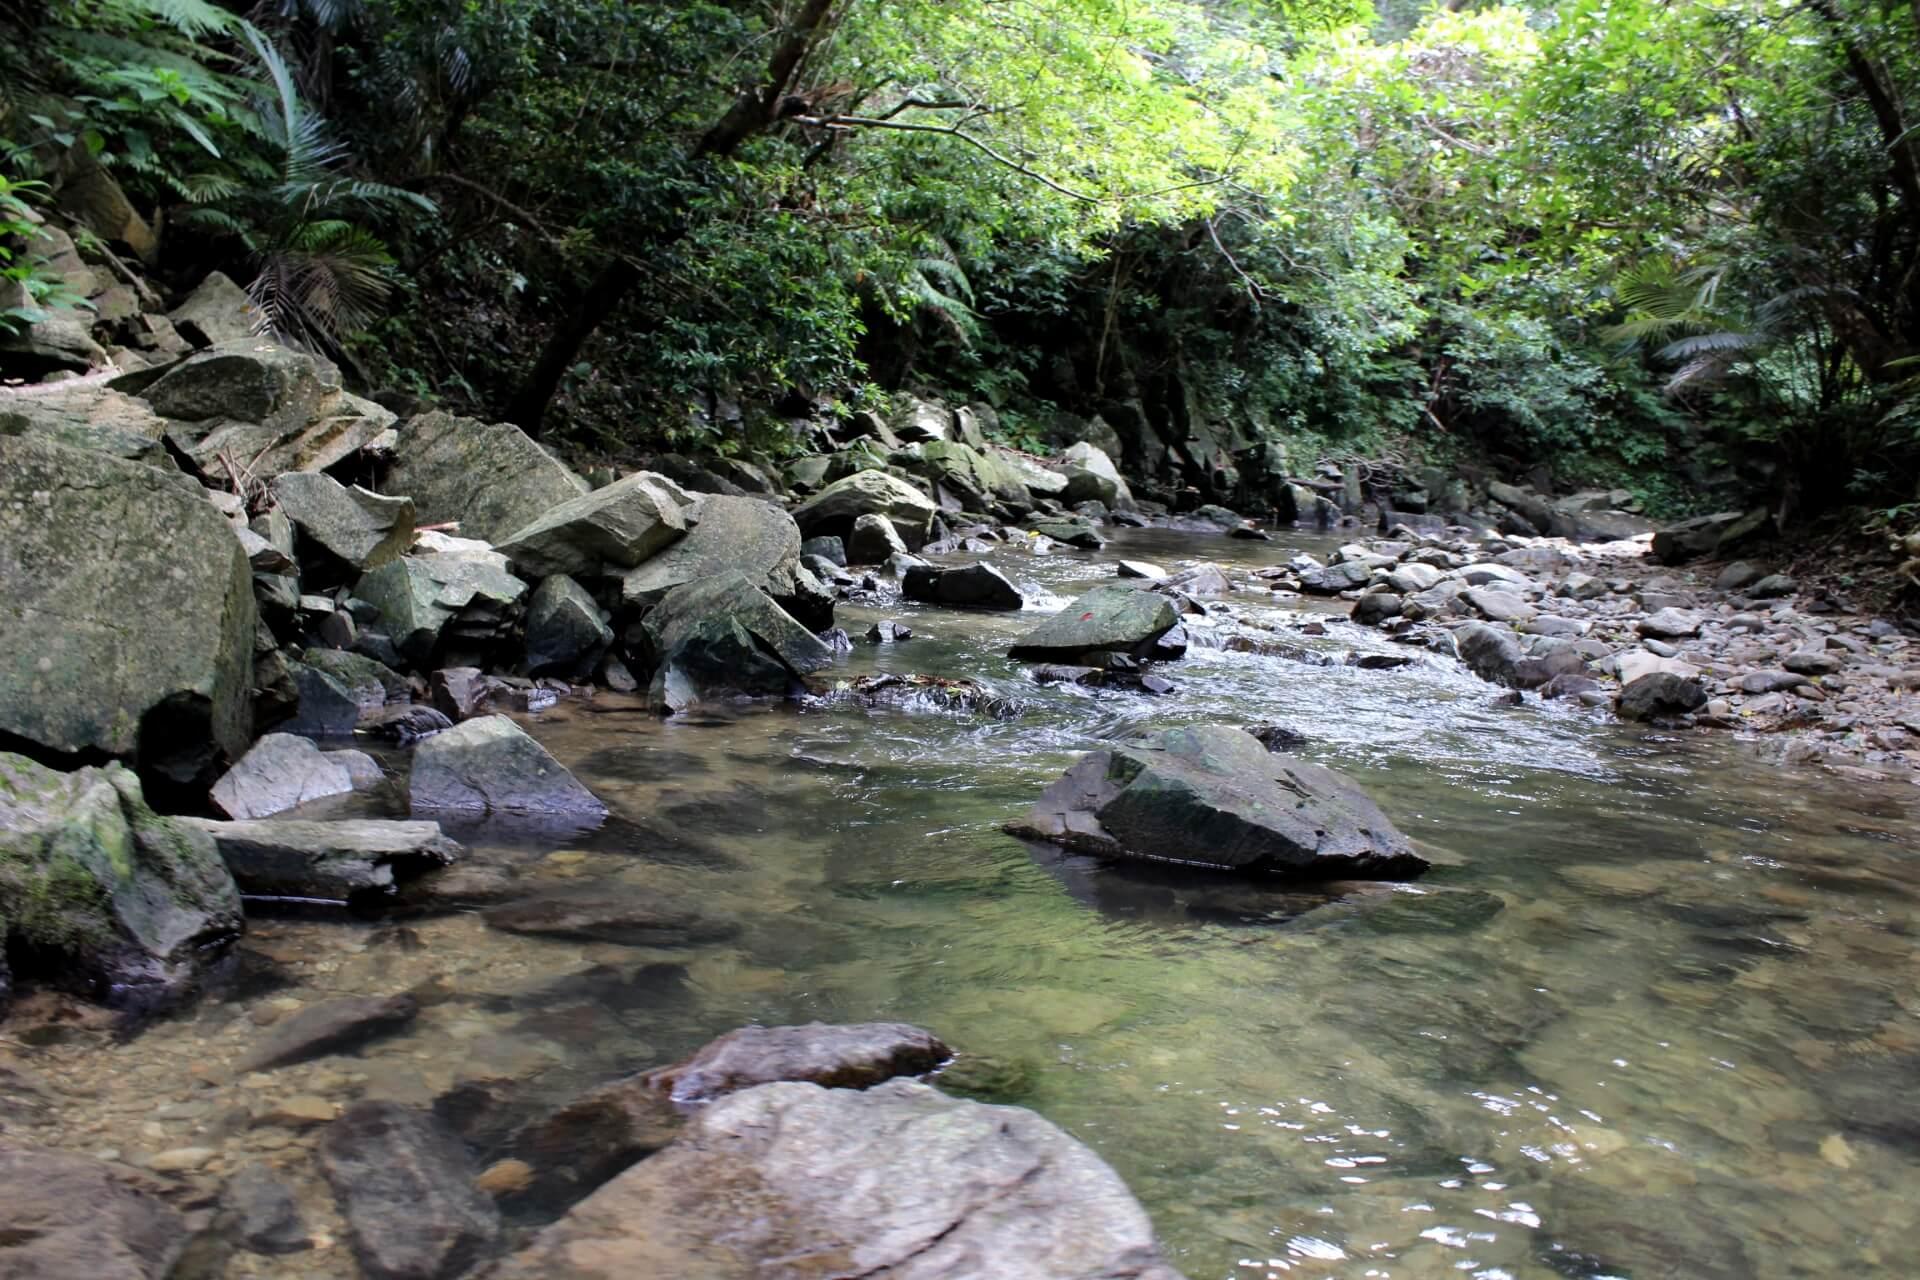 ター滝 | 沖縄観光情報ガリンペイロ